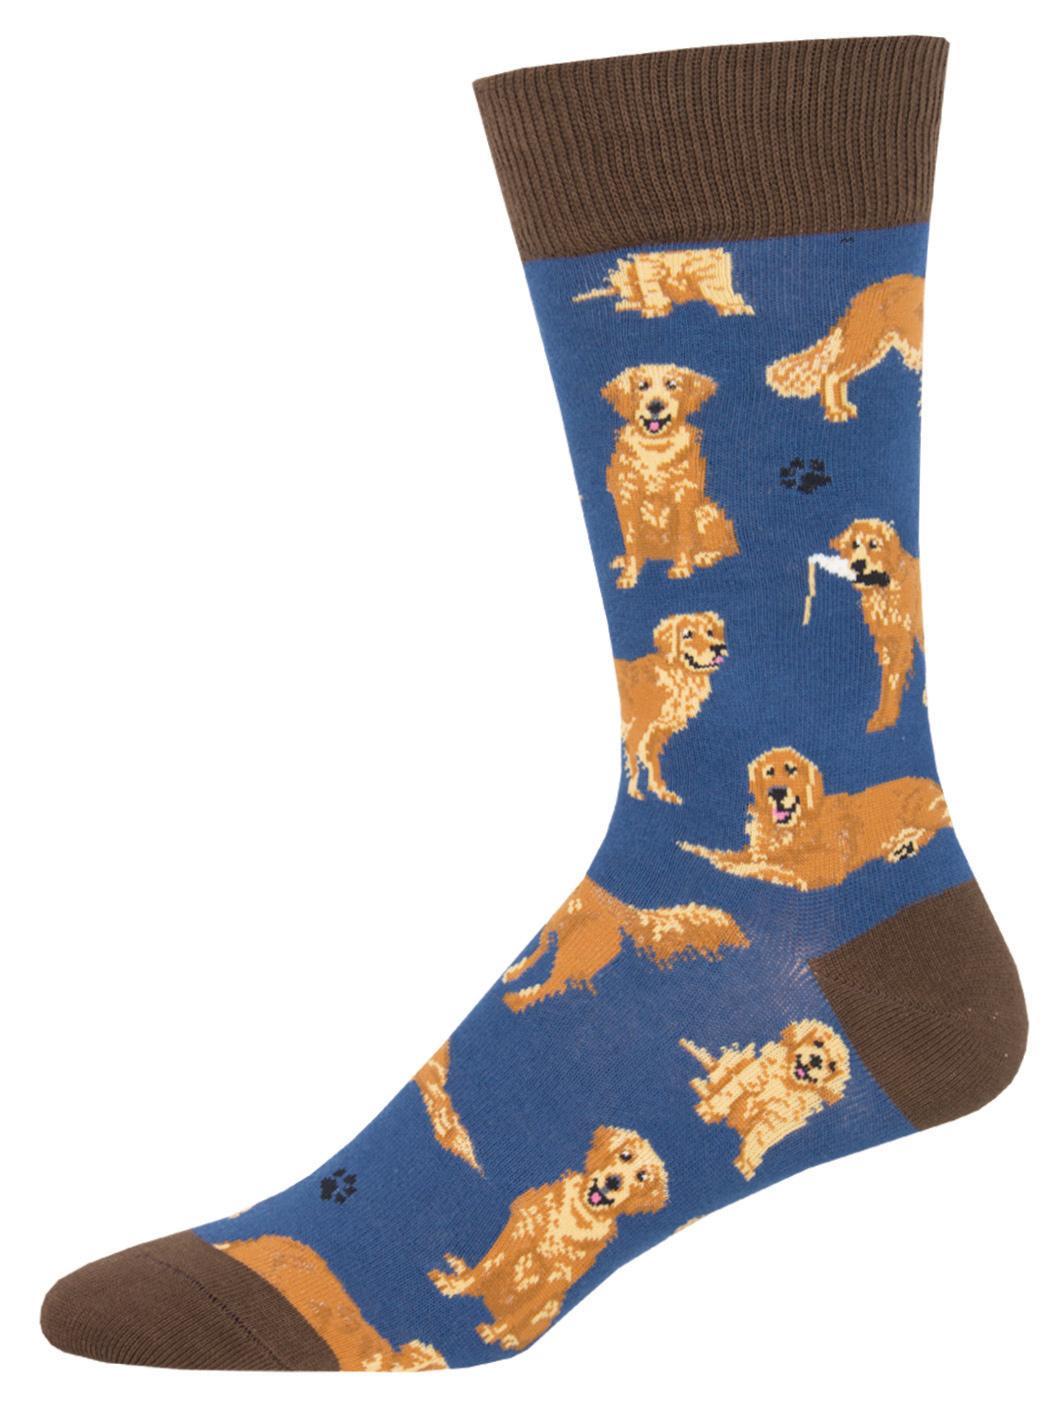 Mens Socks - Golden Retriever Blue(Size10-13)